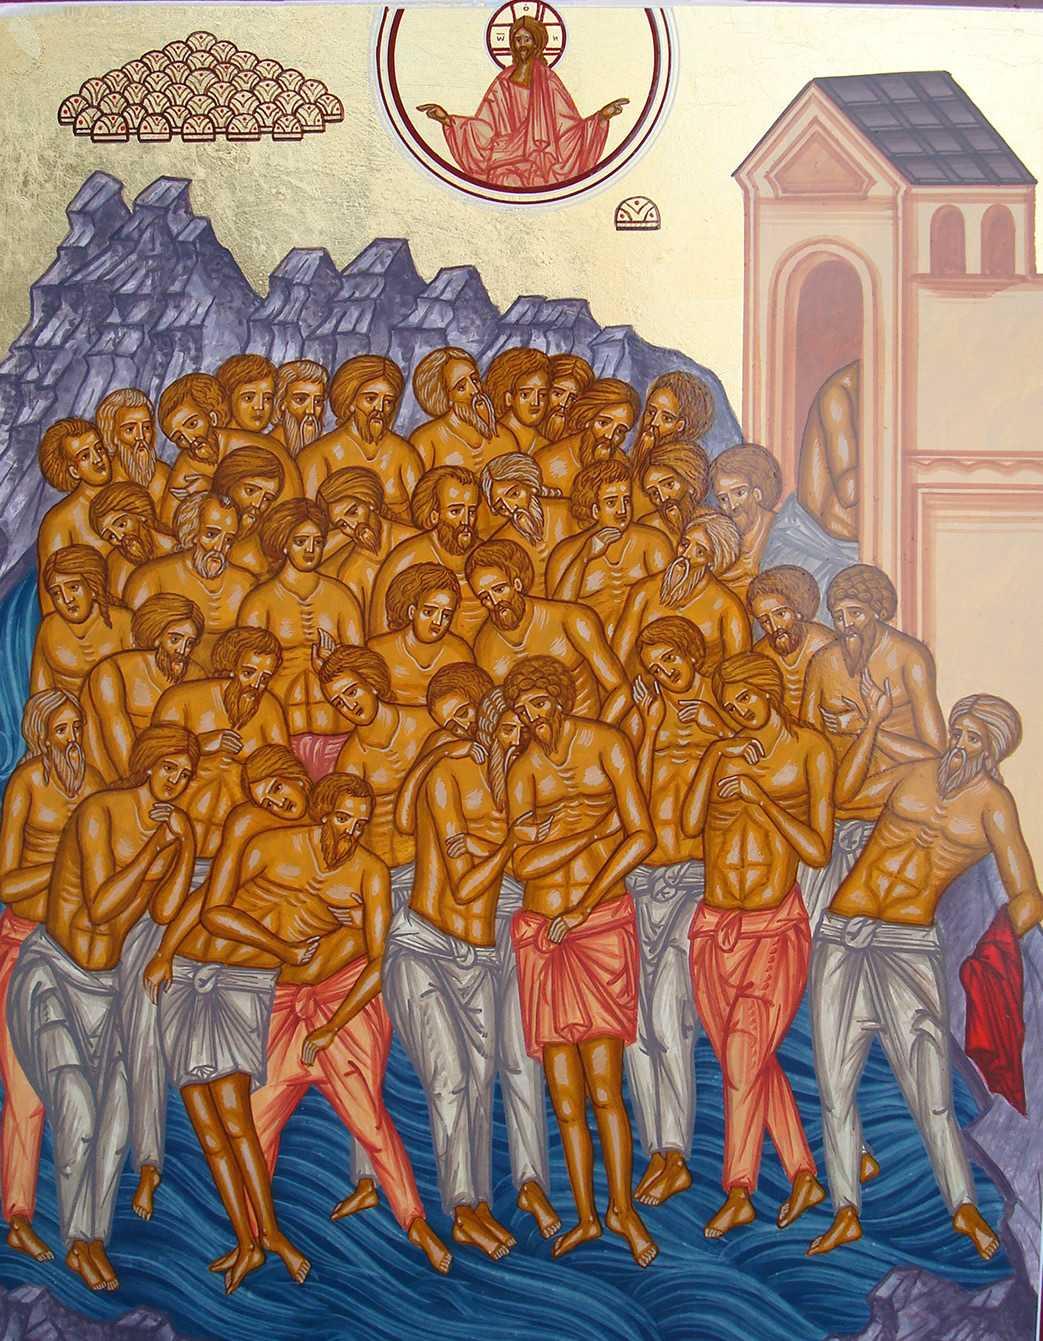 Sfintii 40 de Mucenici: FORTA COMUNIUNII MARTURISITOARE